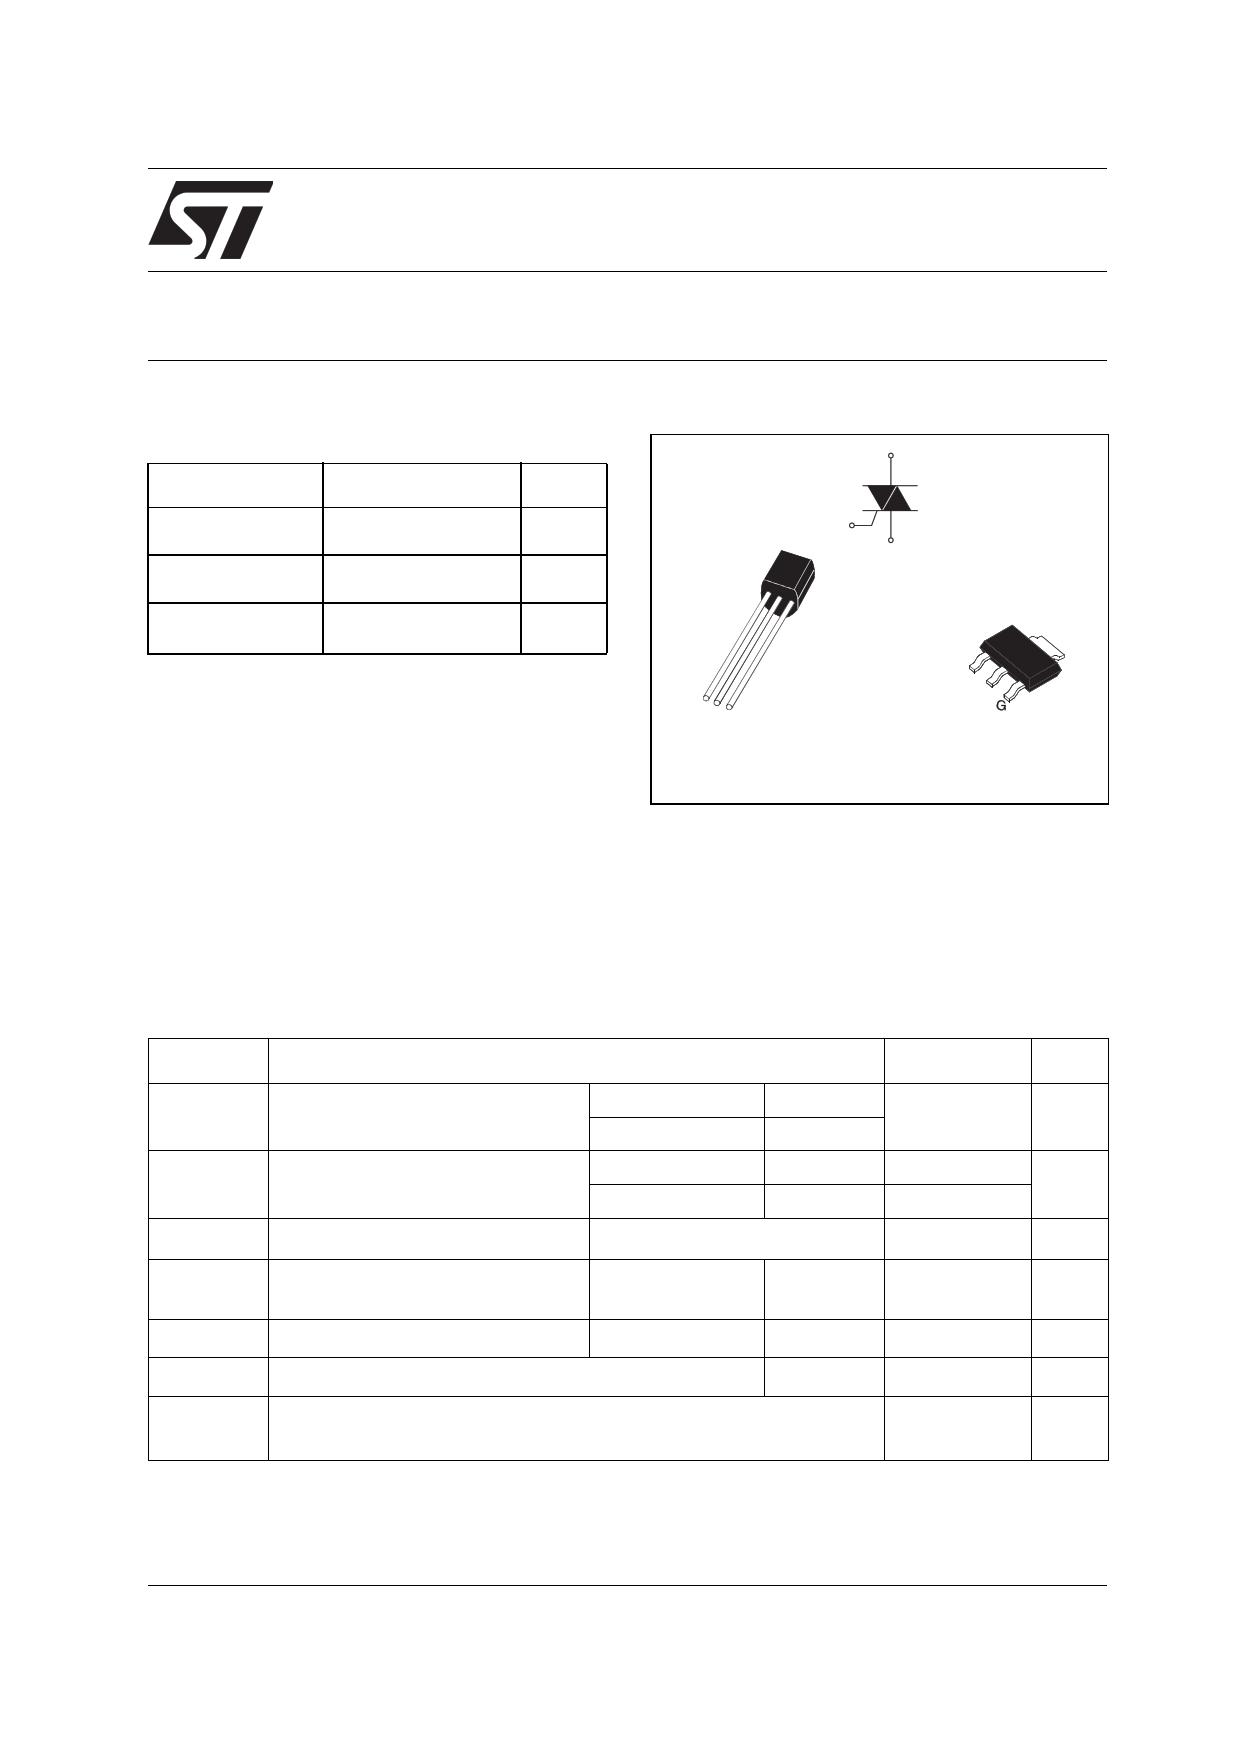 Z0110MA datasheet